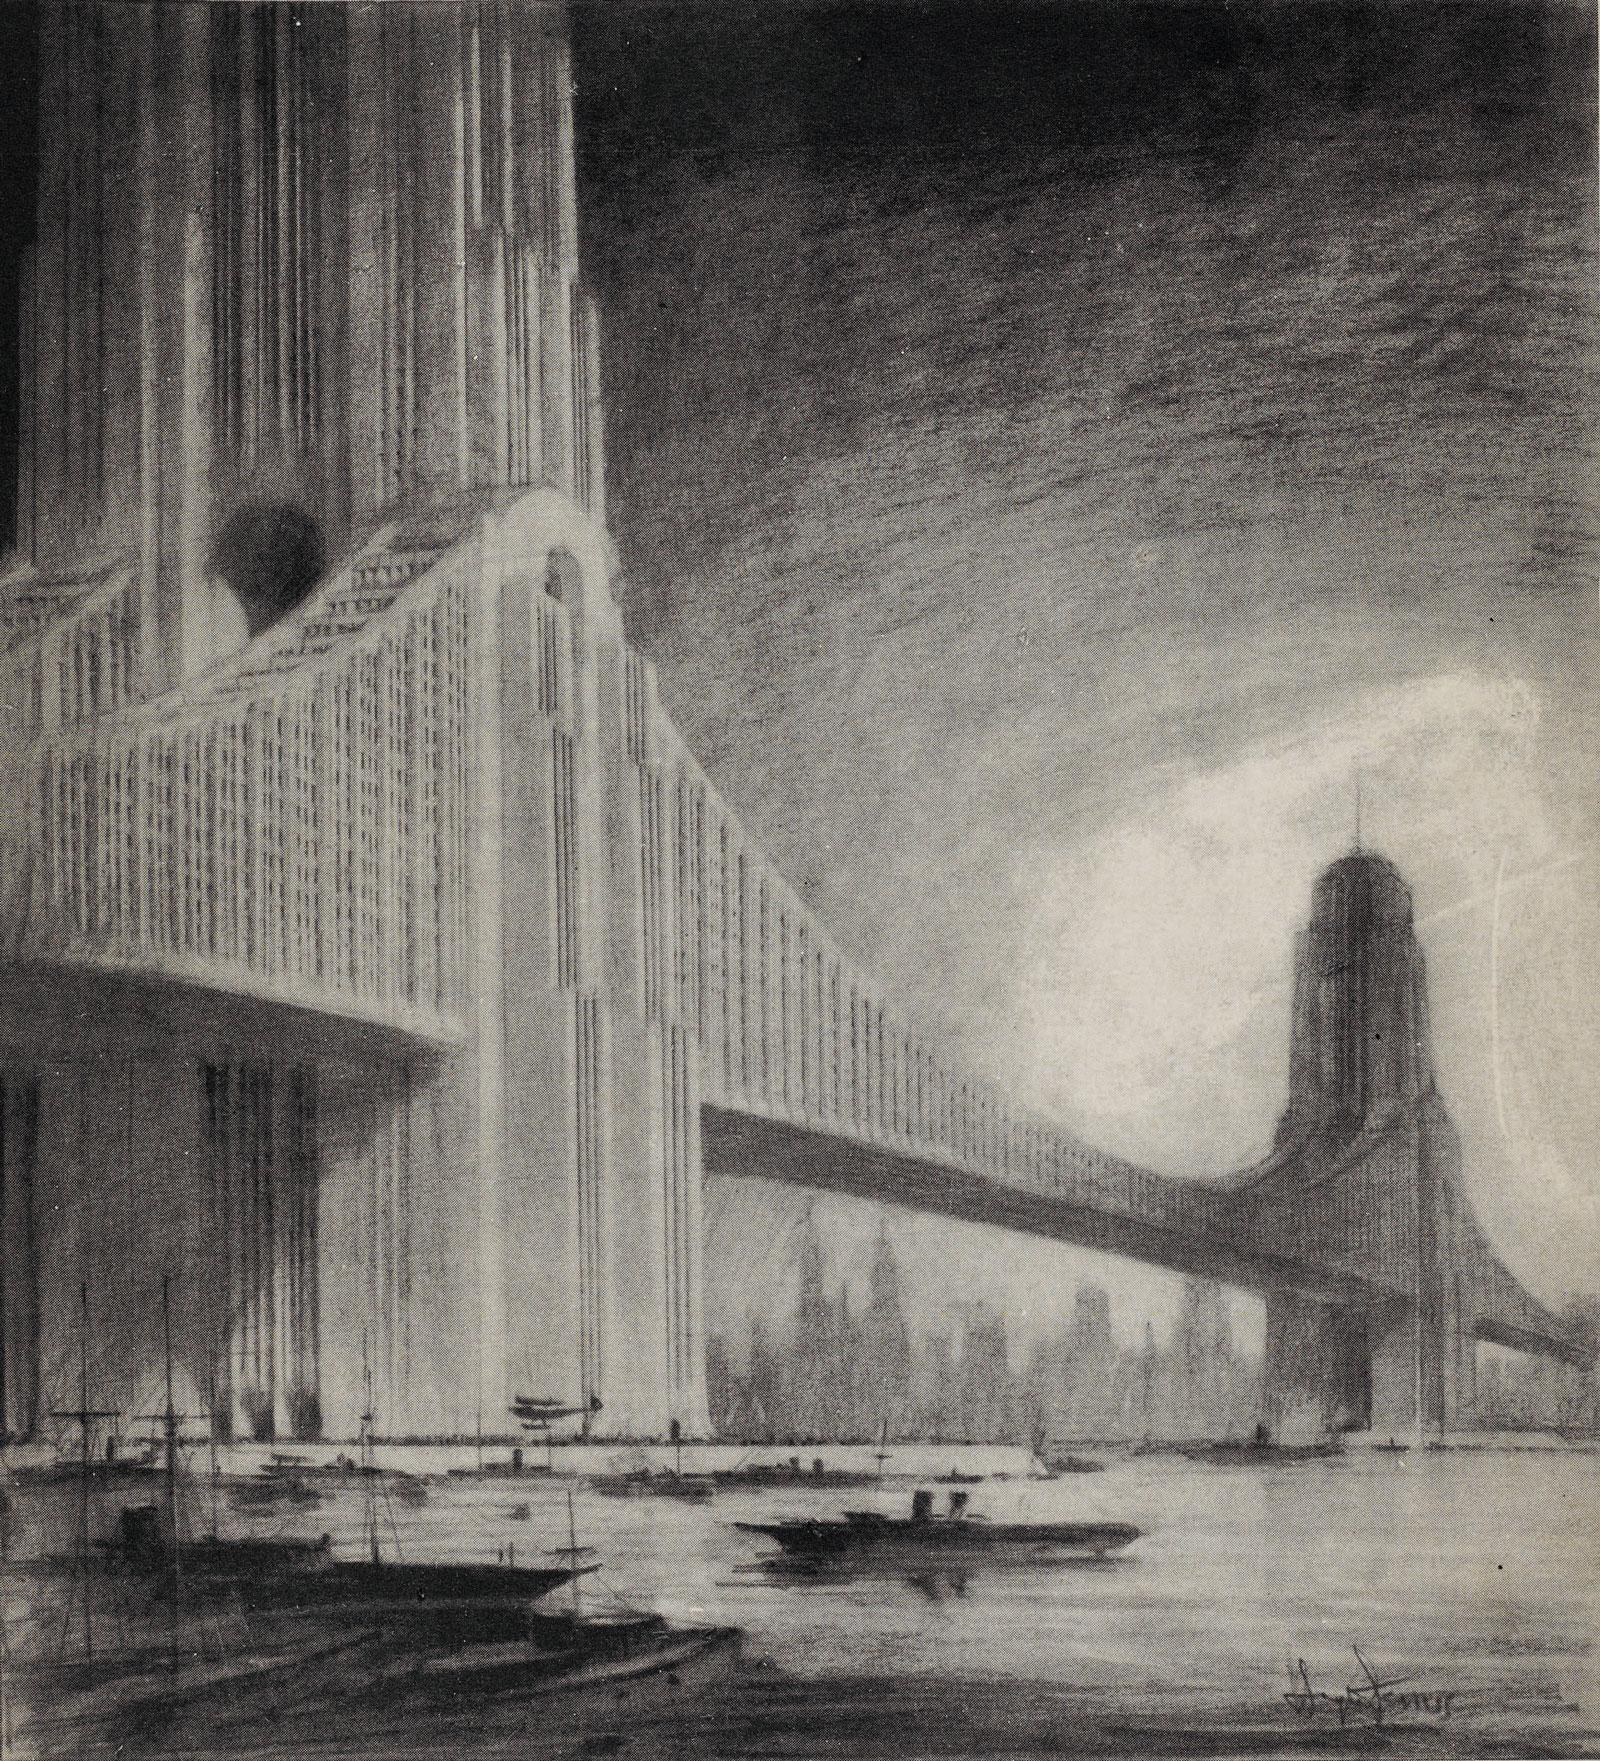 ny-skyscraper-bridges